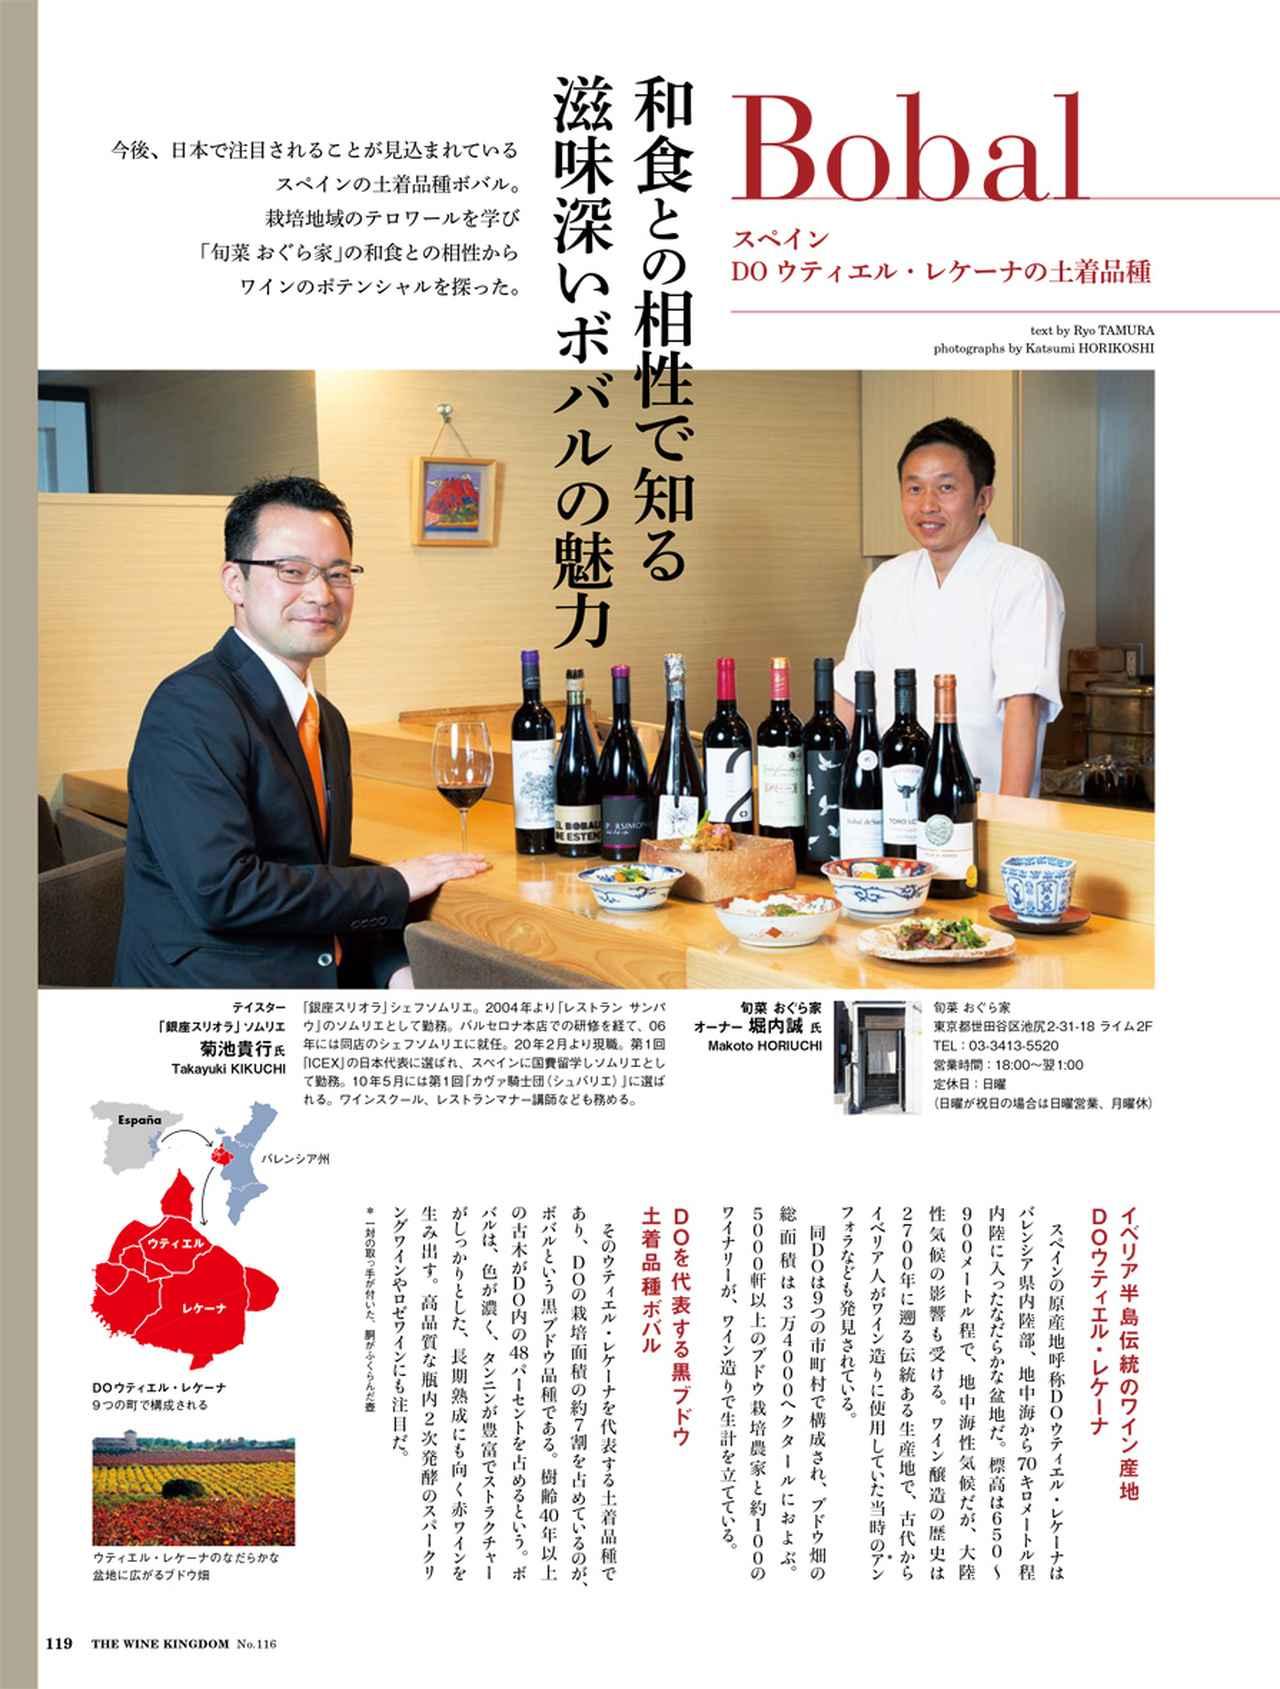 画像5: 『ワイン王国116号』買って後悔しないボルドー格付けワインを紹介!!